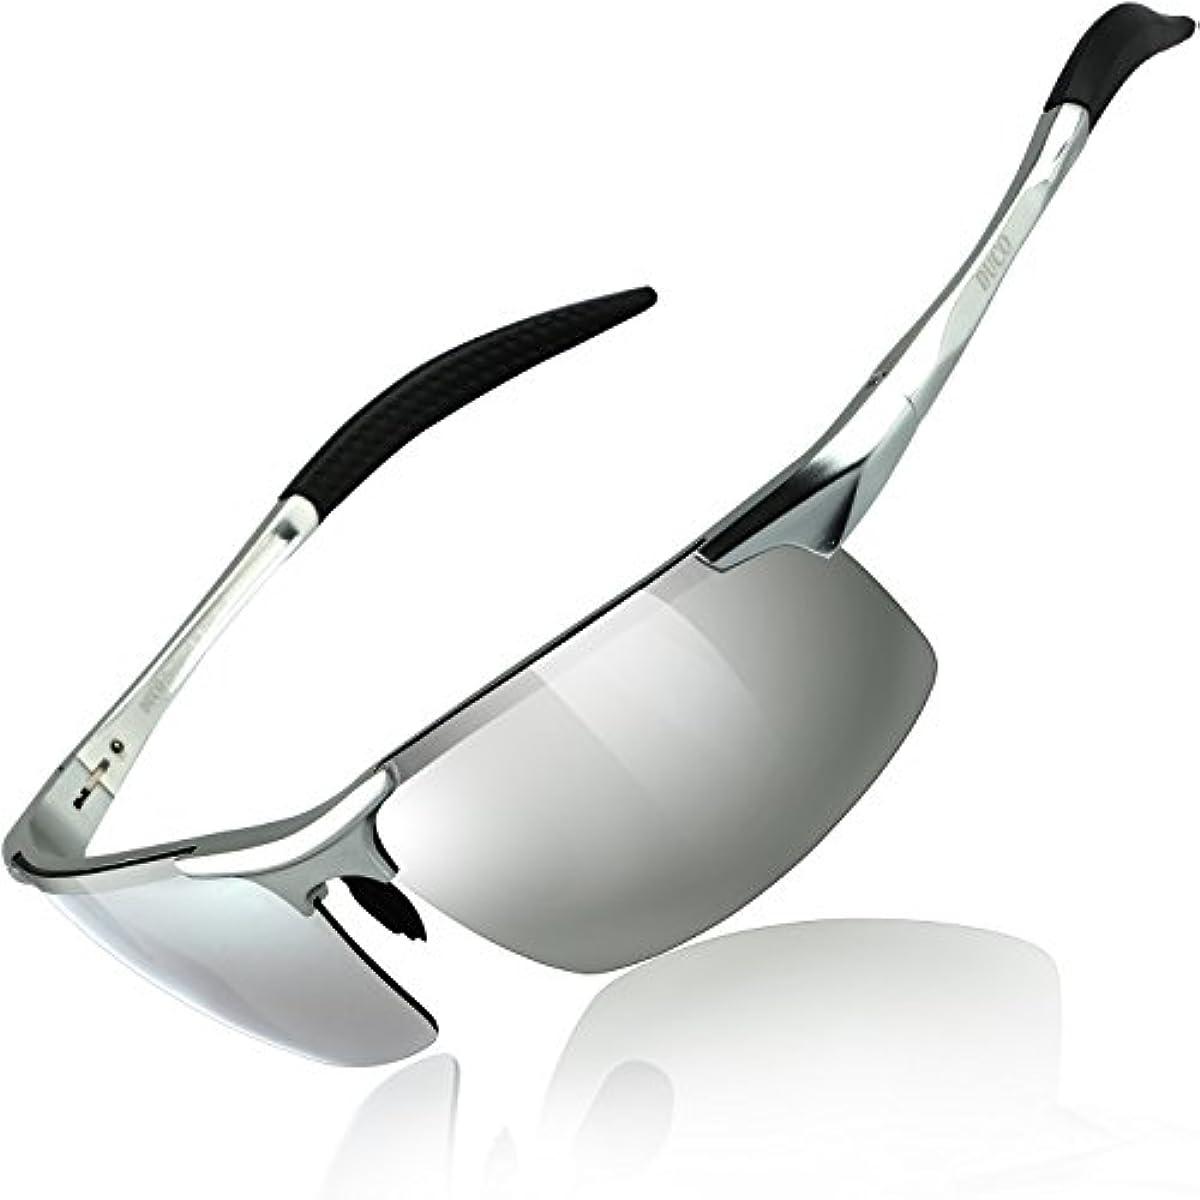 [해외] DUCO 스포츠 썬글라스 맨즈 편광 썬글라스 UV400보호 AL-MG합성피혁금초 경량 운전/자전거/낚시/야구/스키/런닝/골프용 8177S